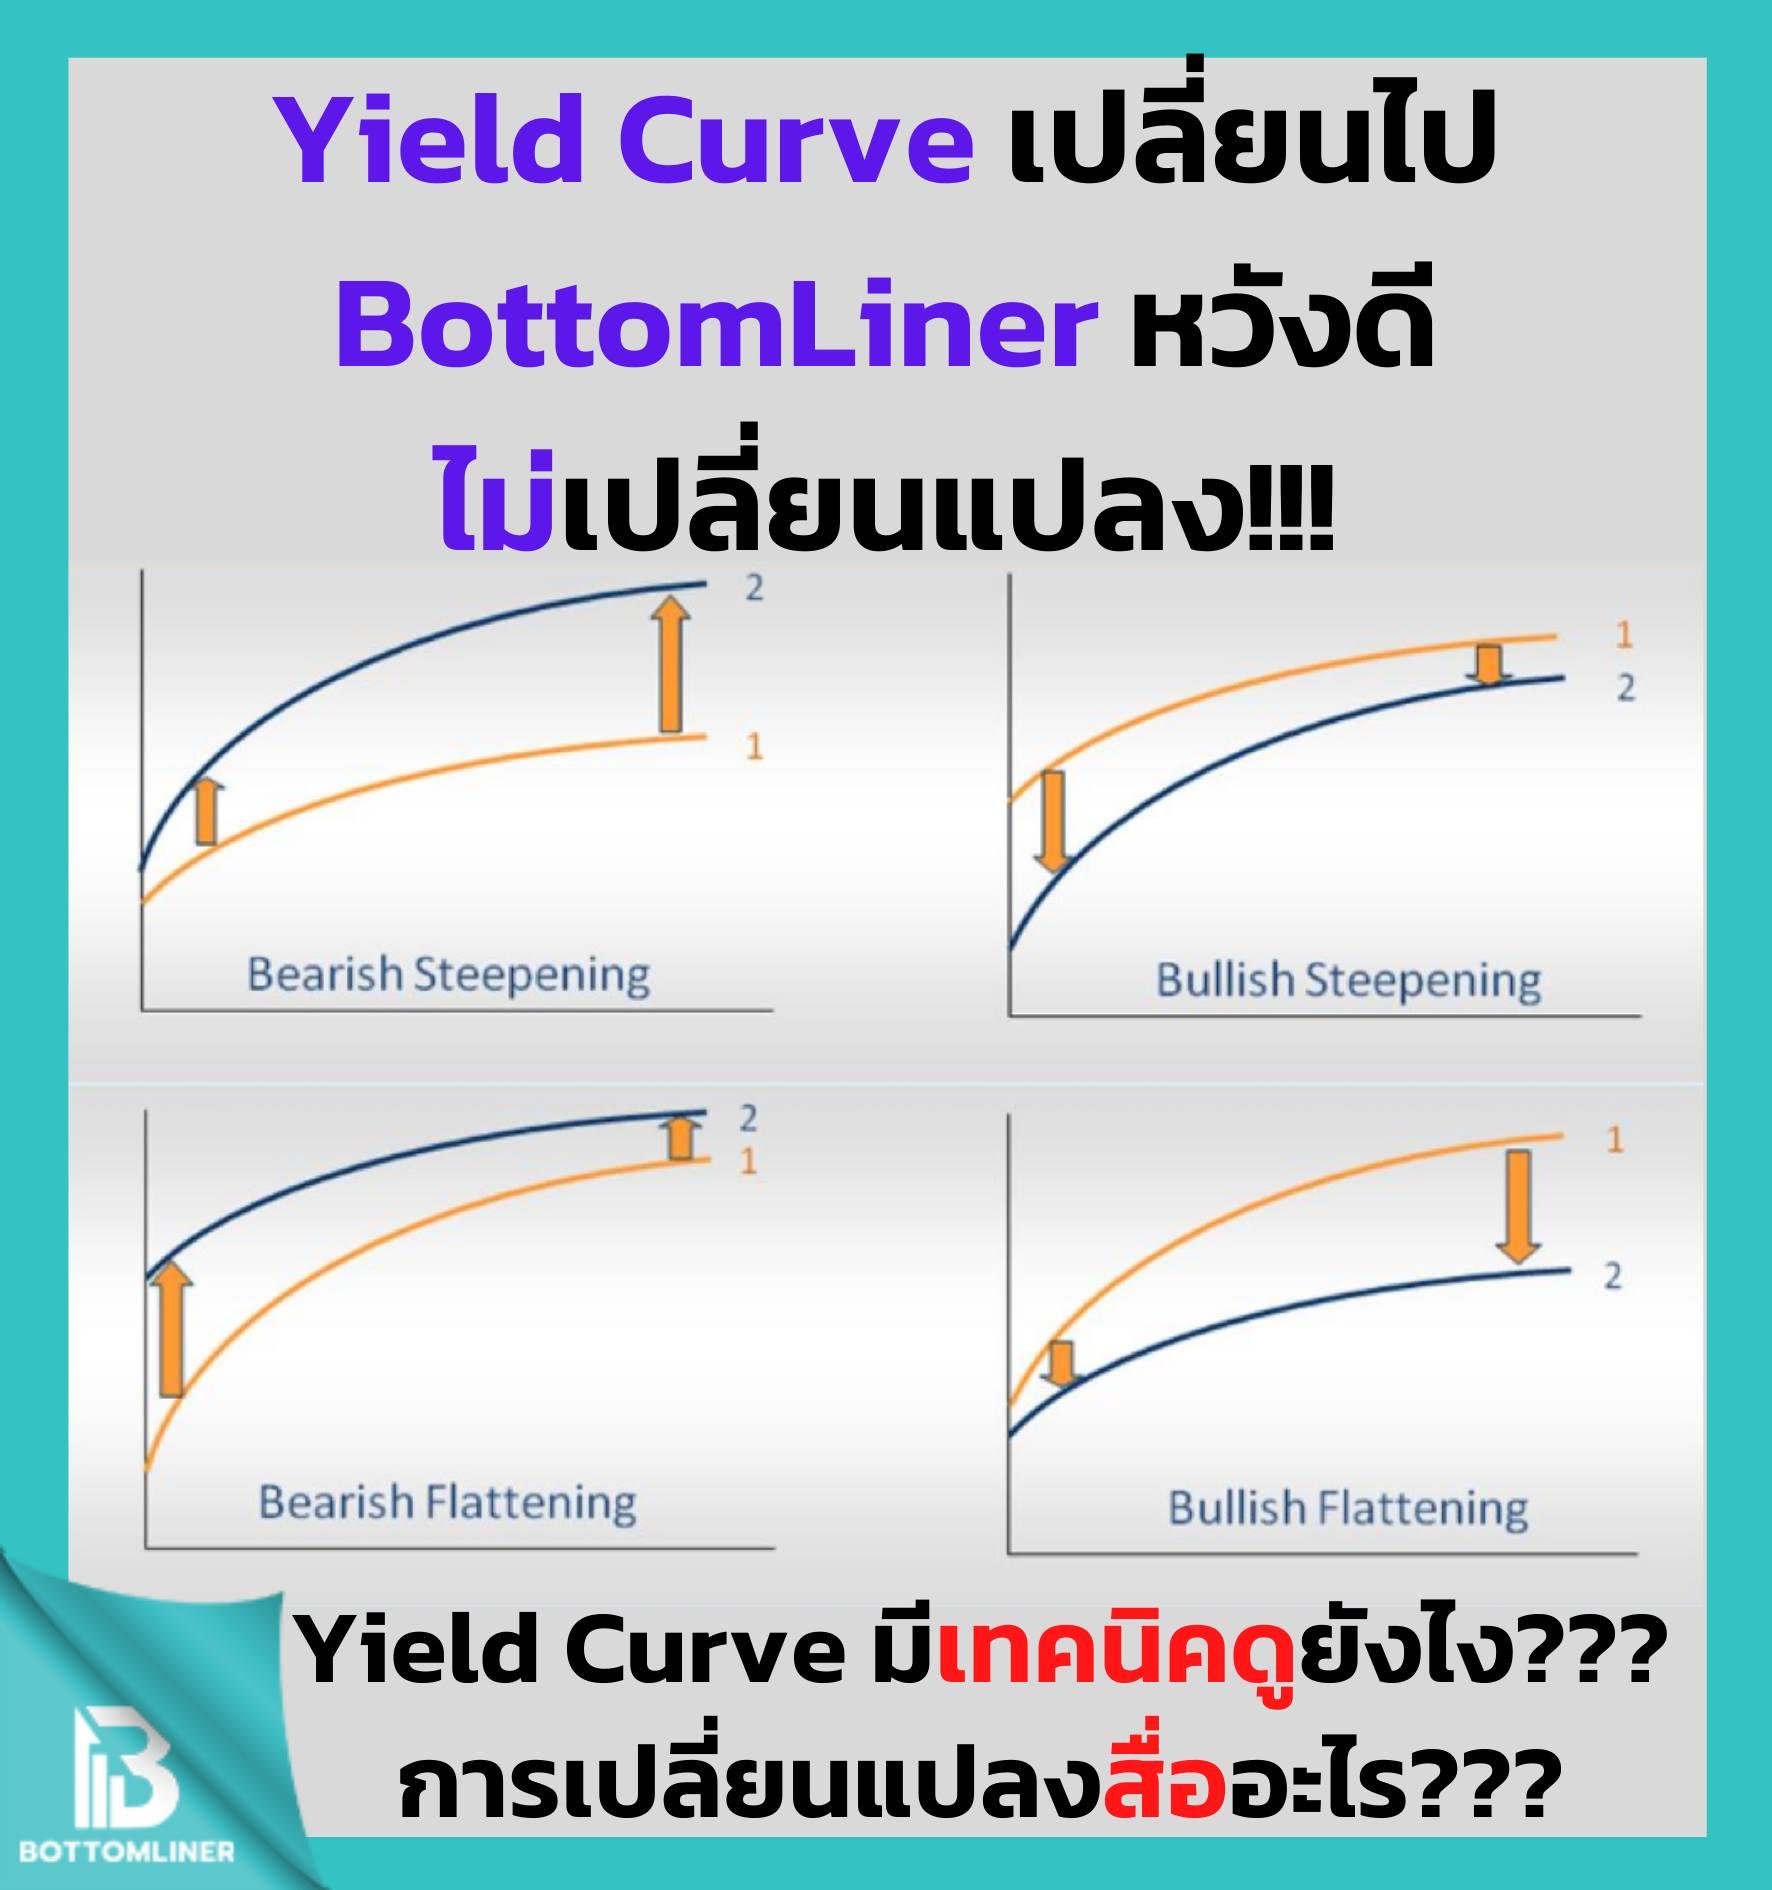 Yield Curve มีเทคนิคดูอย่างไร?